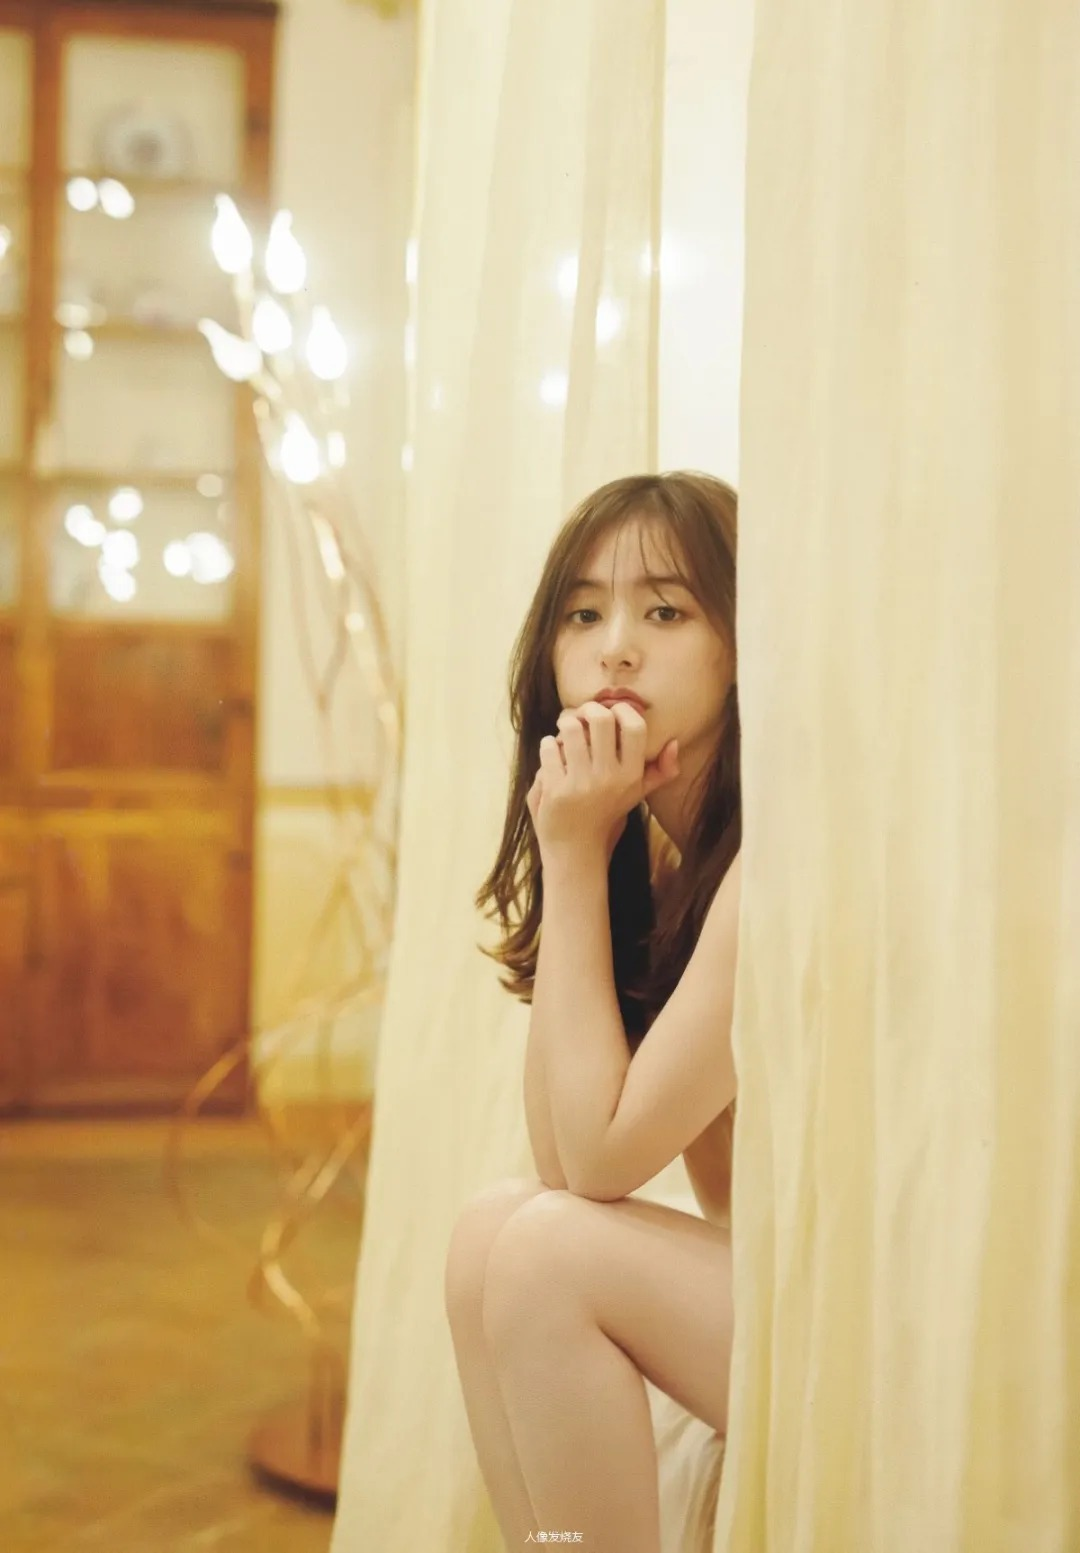 不折不扣的邻家系女神新木优子写真作品 (84)